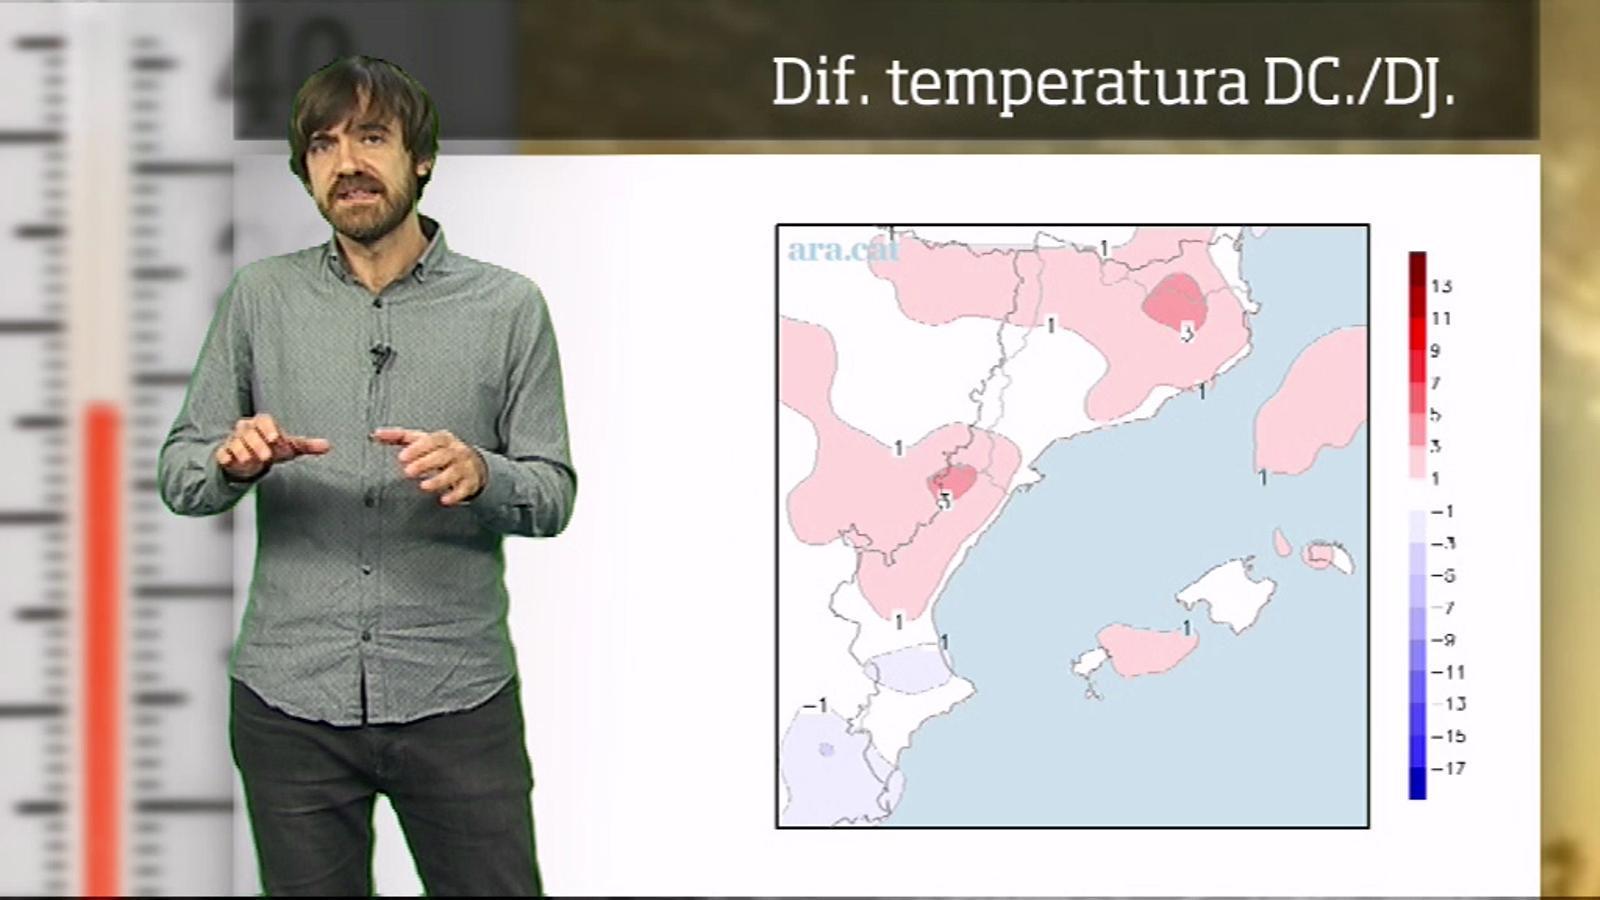 La méteo en 1 minut: sol i fred a l'espera de canvis a partir de diumenge